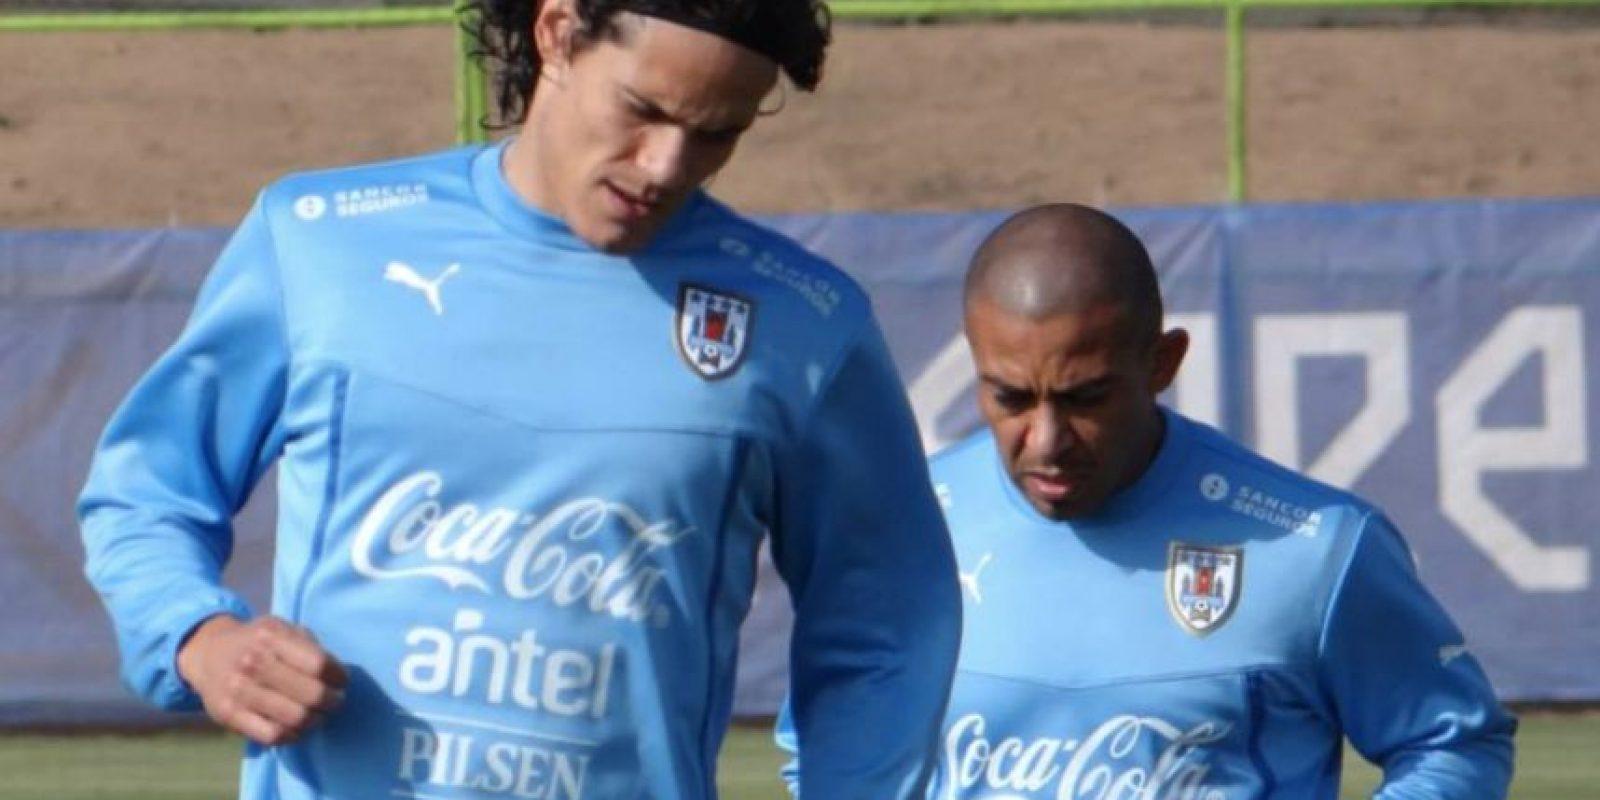 Tras dialogar con el entrenador de Uruguay, Óscar Tabárez, Cavani decidió quedarse a jugar contra Chile. Foto:Vía facebook.com/aufoficial